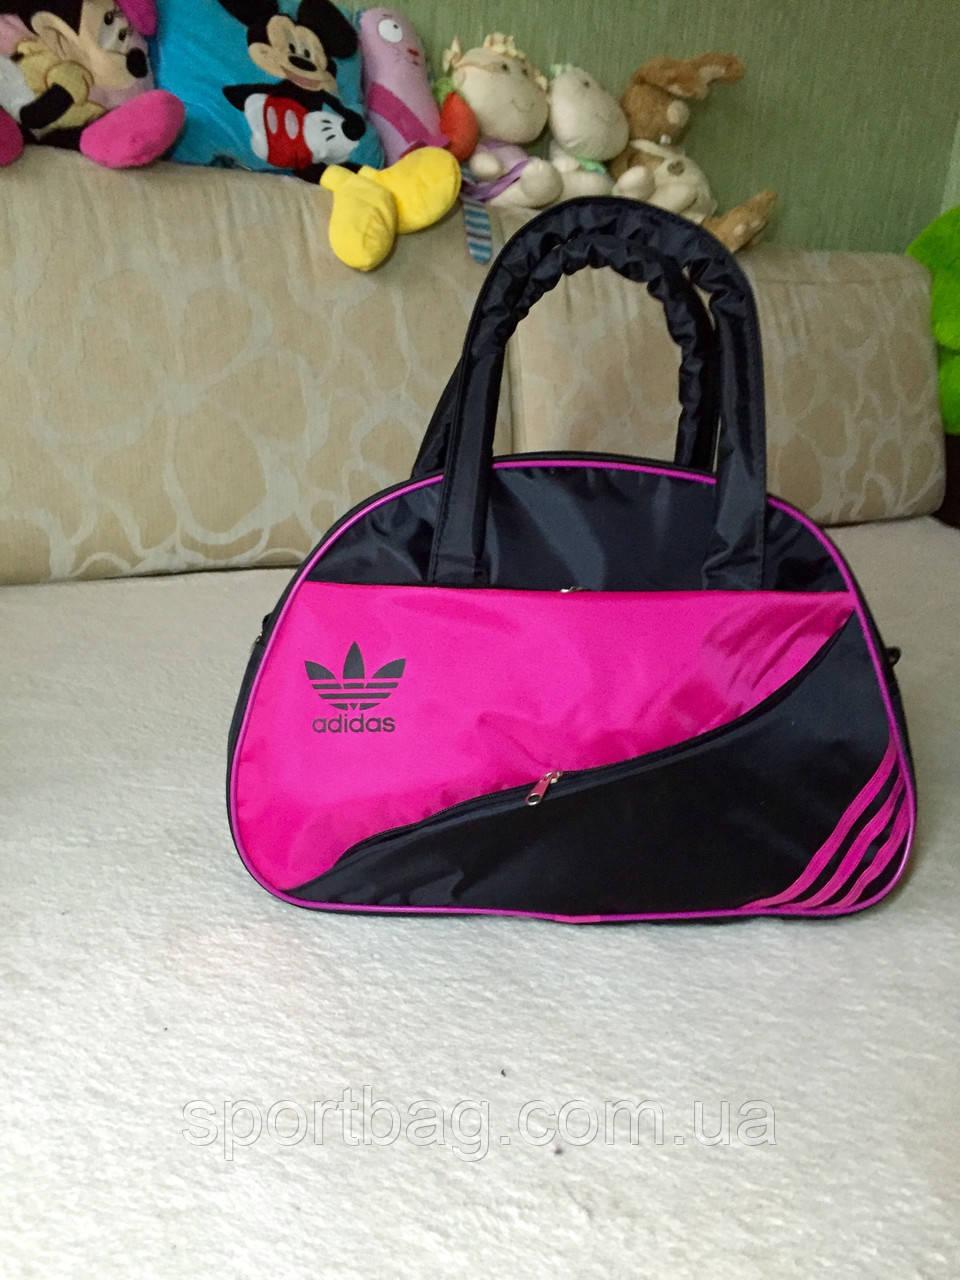 5f99db70 Сумка женская спортивная Adidas, модель МВ-3 : продажа, цена в ...